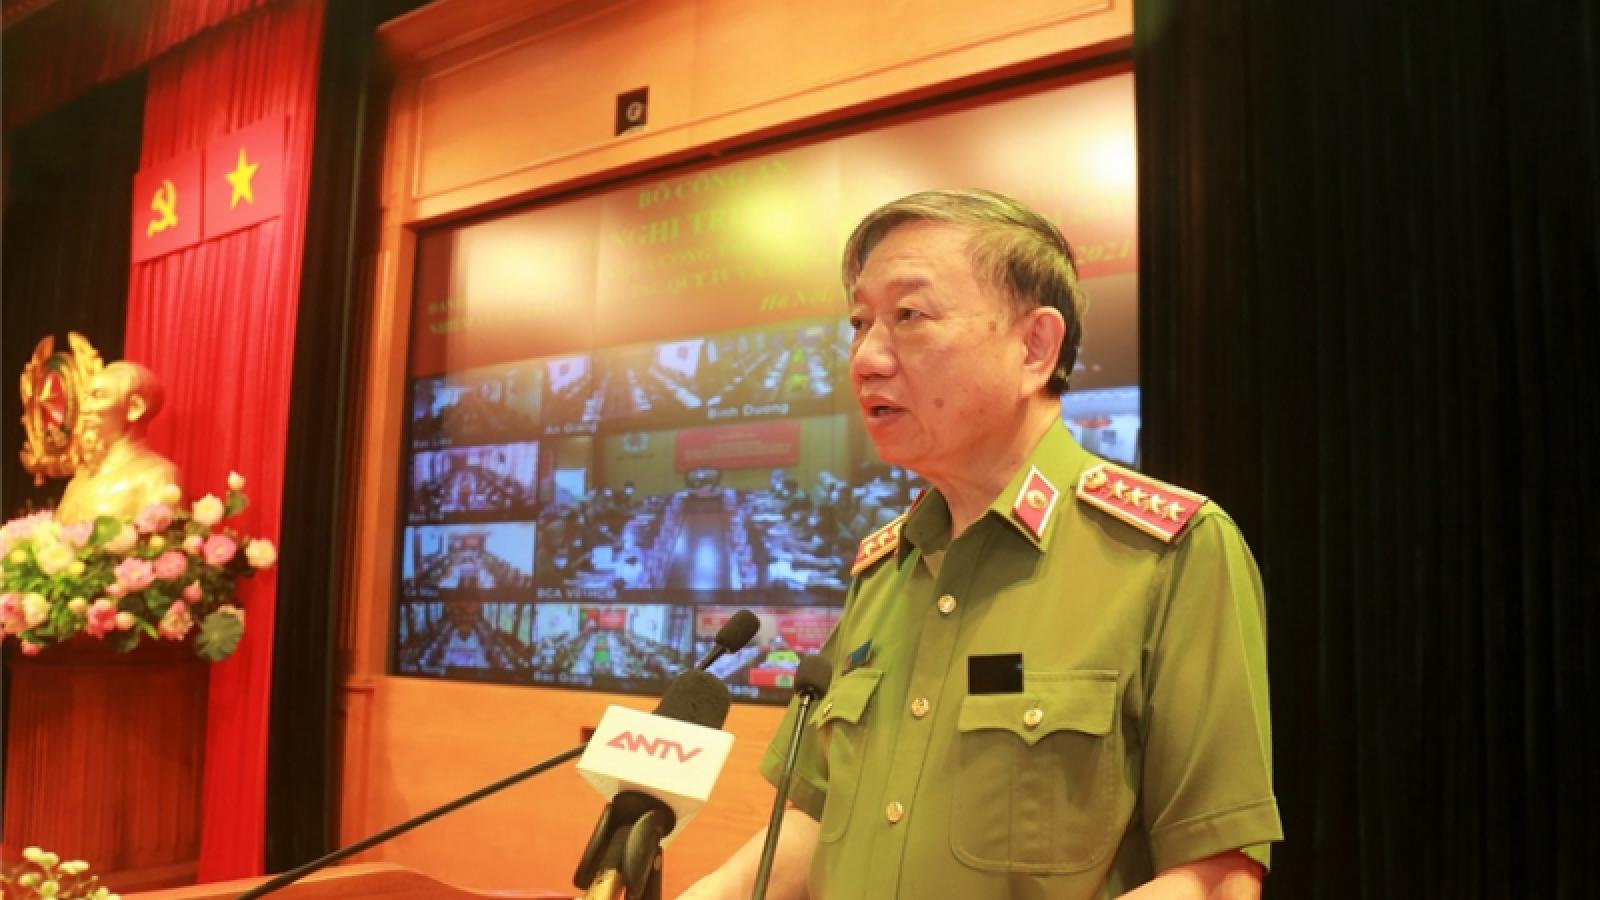 Lực lượng Công an triệt phá 1.225 băng, nhóm tội phạm